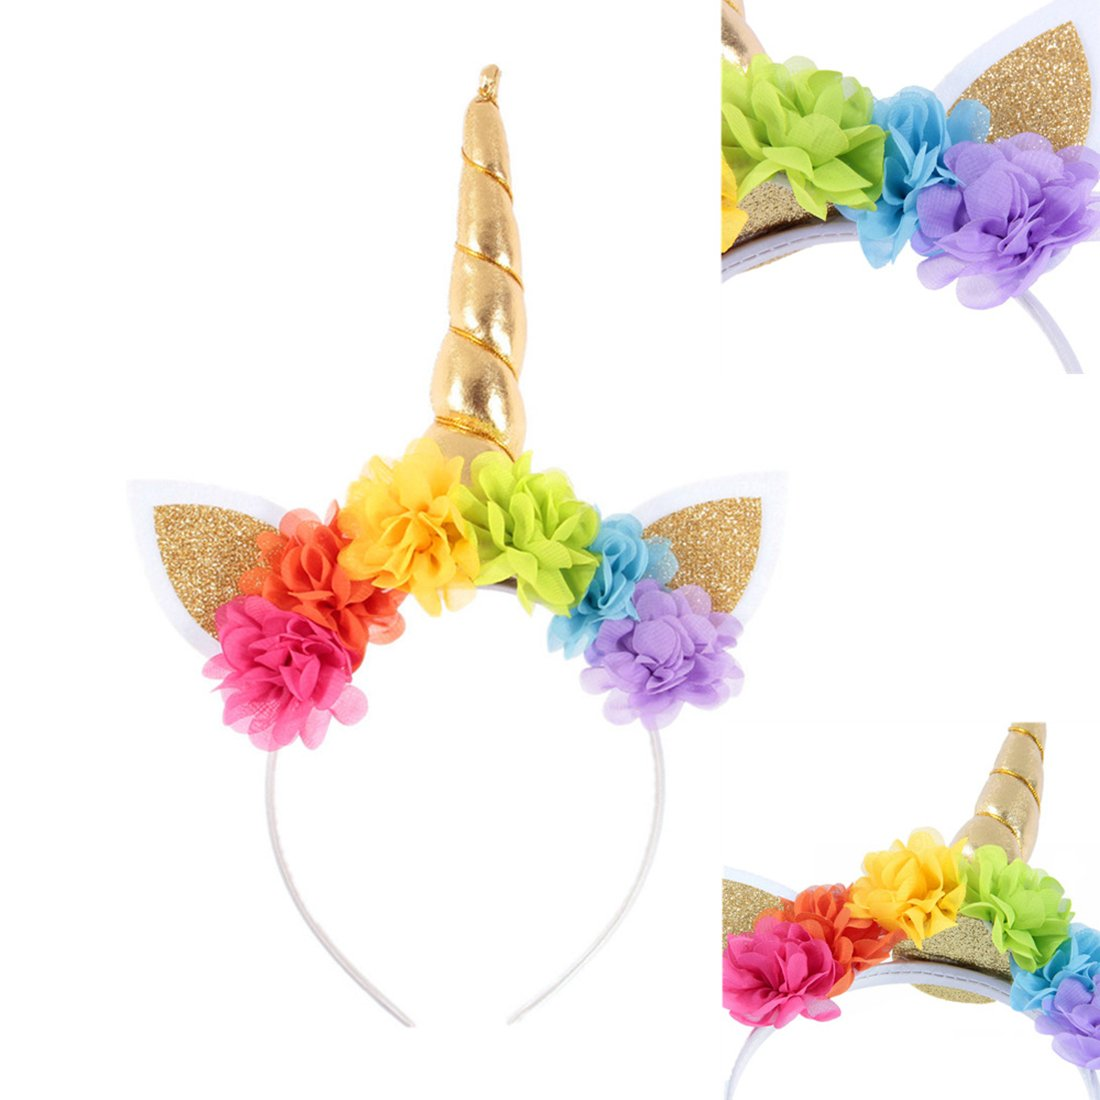 JMITHA Haarreif Einhorn Elastisch Einhorn Blumenm/ädchen Haarschmuck M/ädchen Haare Hoop Stirnb/änder Haar-Zus/ätze Haarreif Mehrfarbig